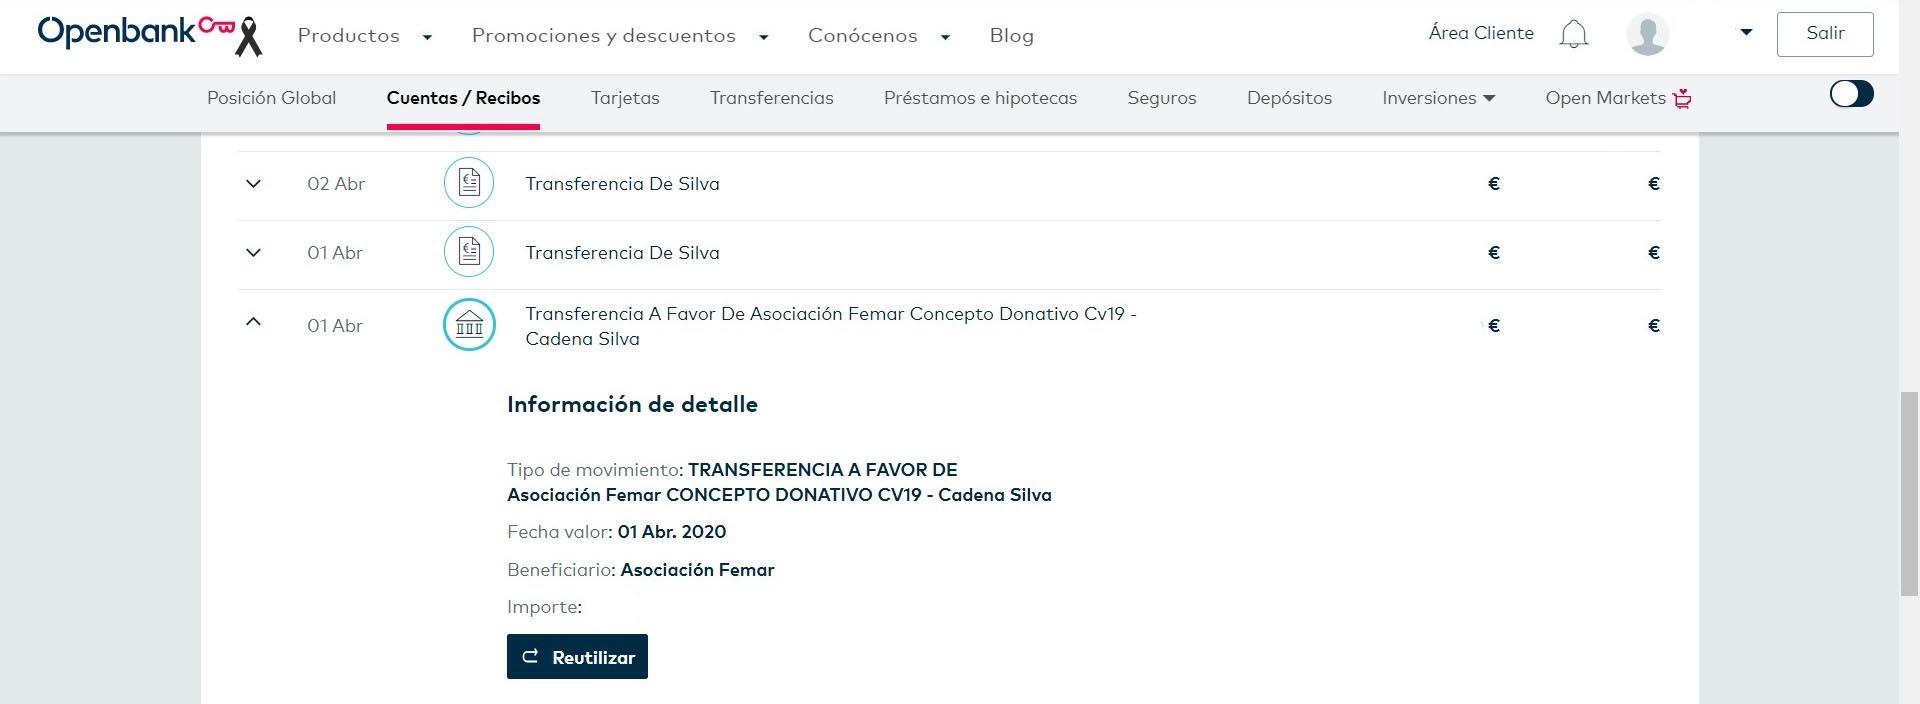 Cadena Silva ayudó económicamente a la residencia de Logrosán (Cáceres) 2020 7